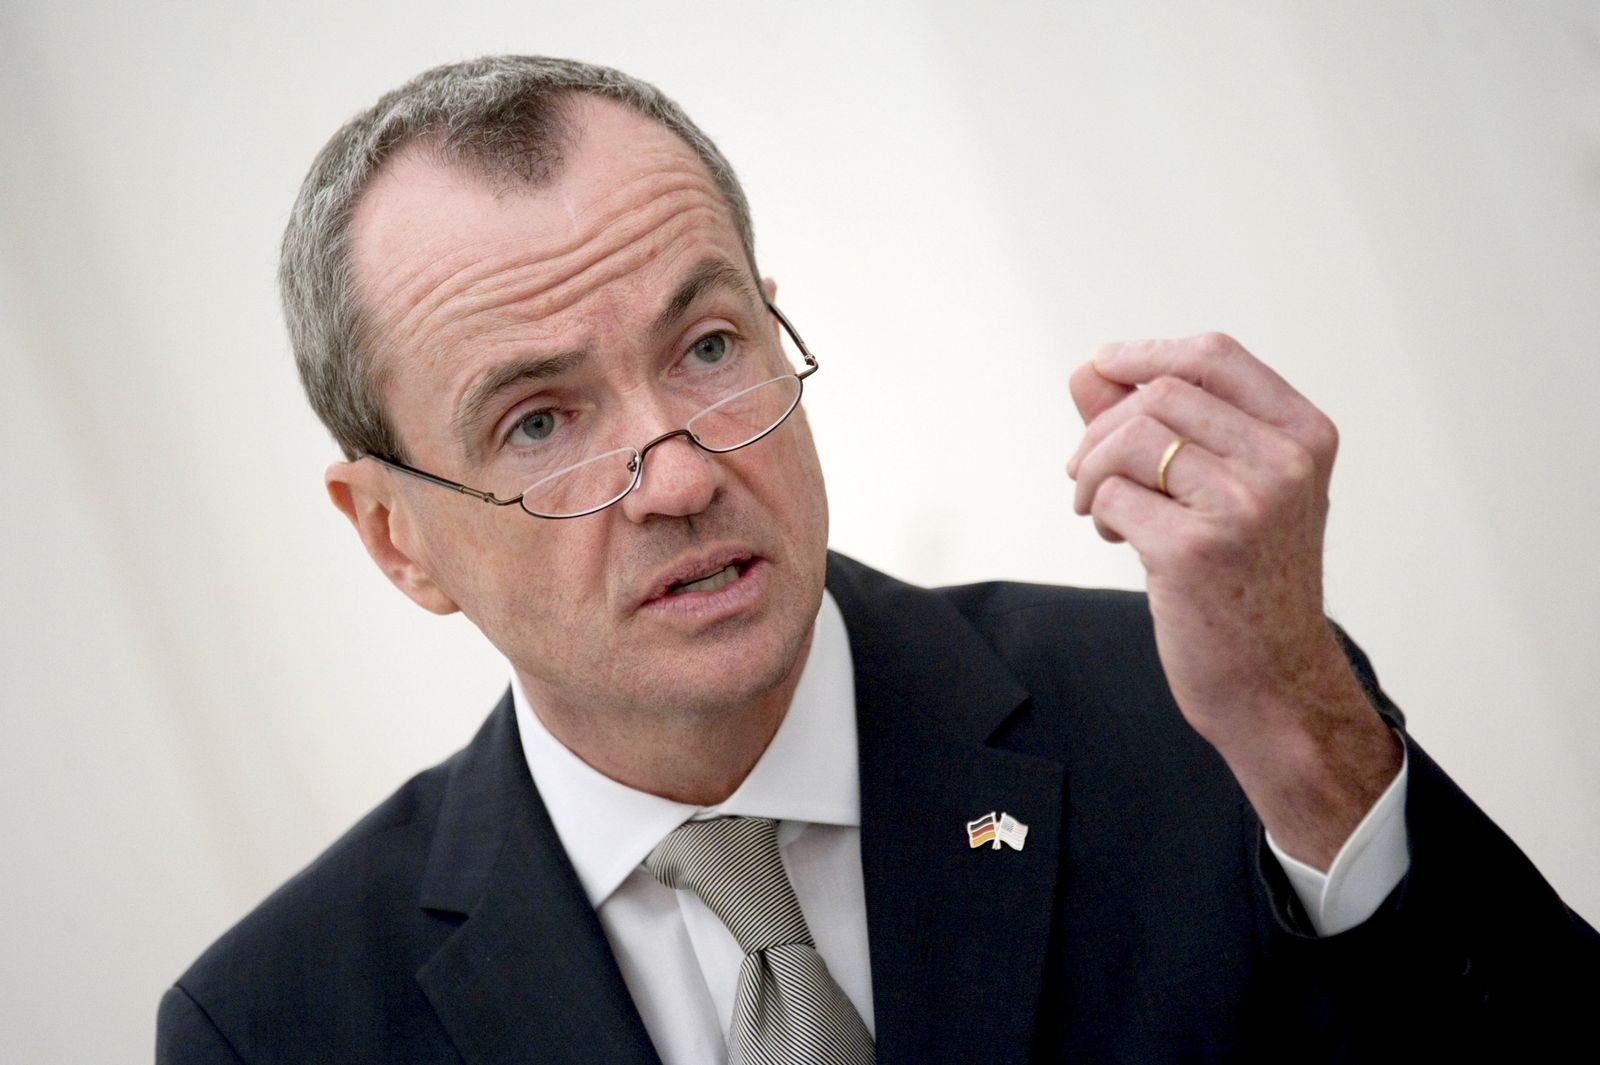 US-Botschafter warnt vor Rassismus Philip Dunton Murphy